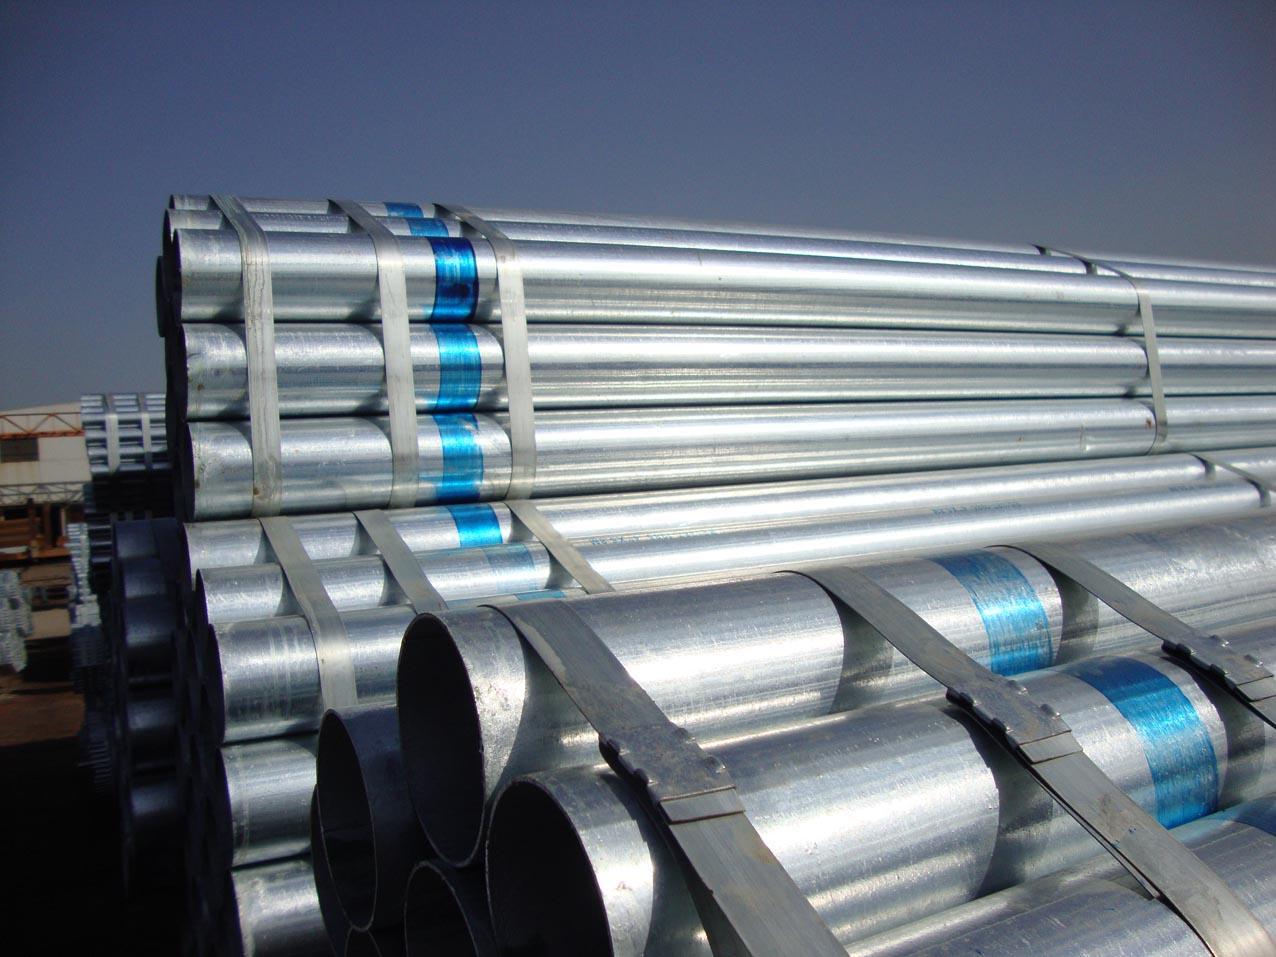 تقرير: مصانع المضخات والأنابيب في الدولة تغطي 50% من الاحتياج المحلي